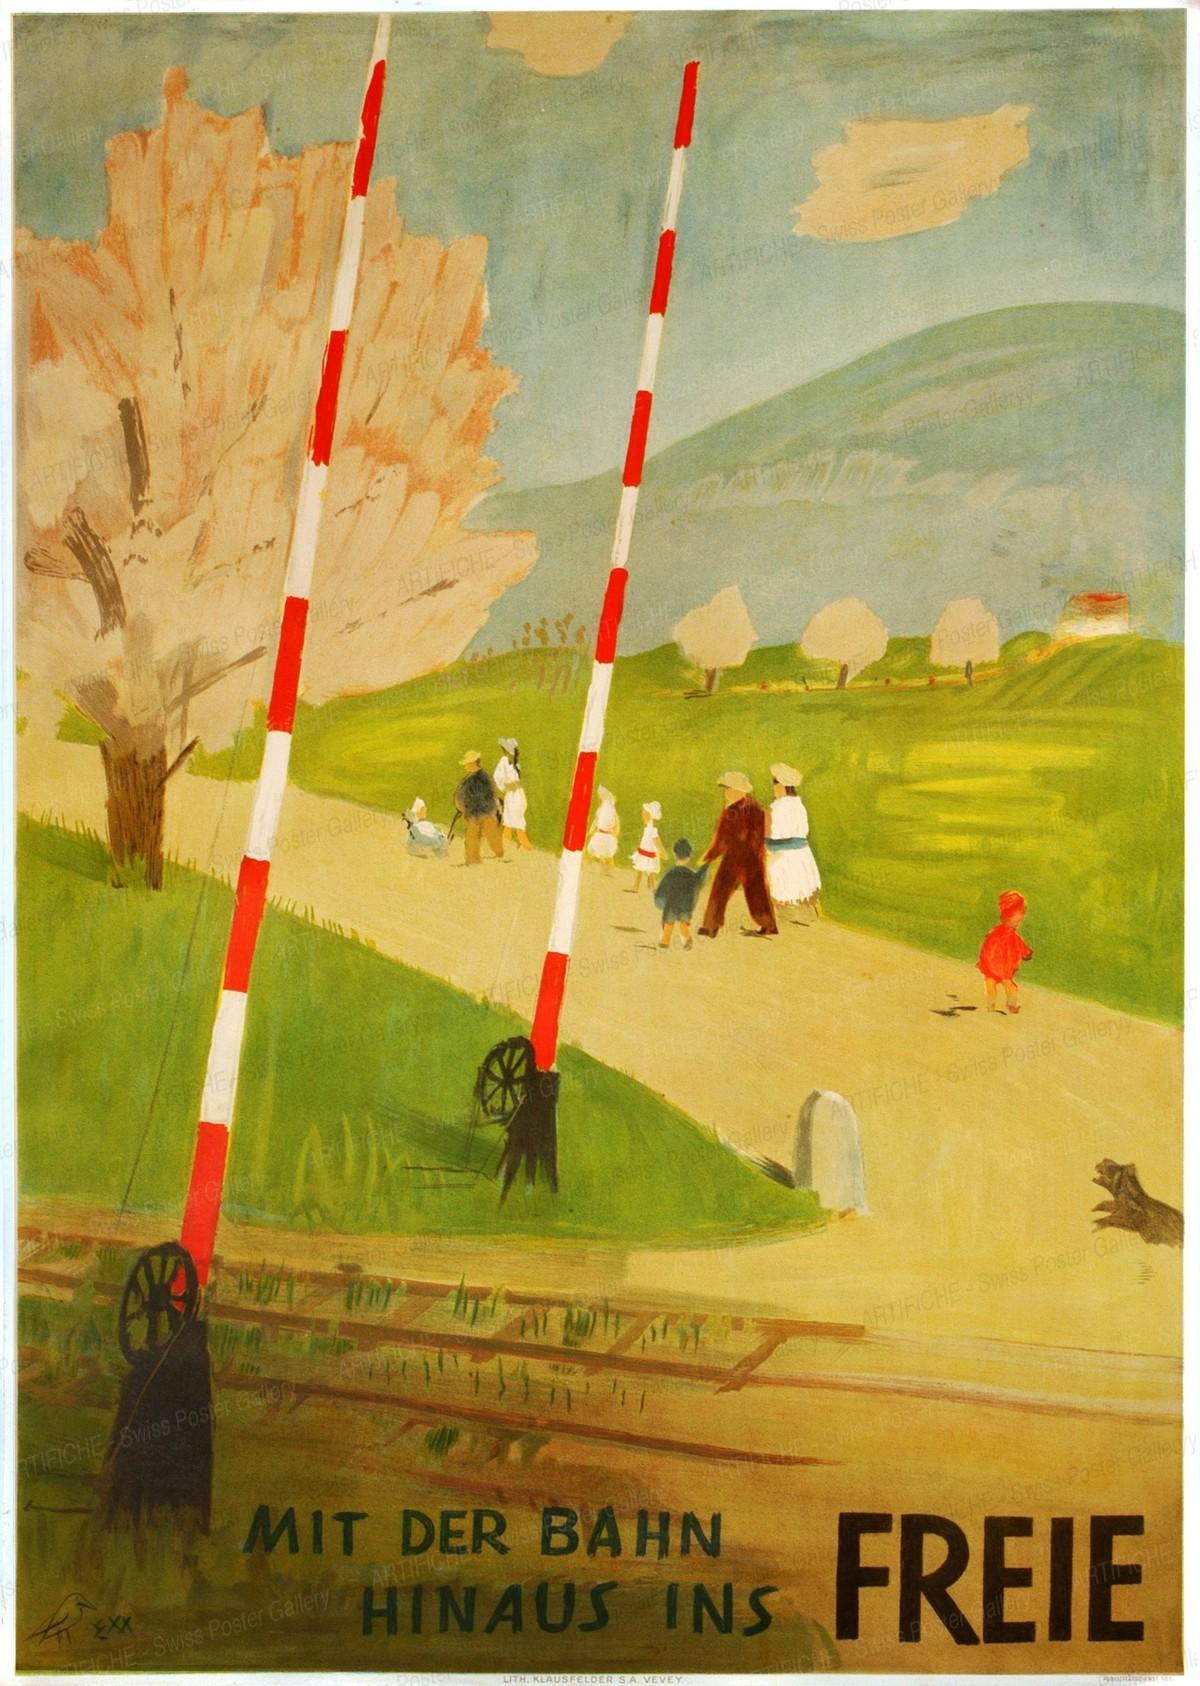 Mit der Bahn hinaus ins Freie, Ernst Morgenthaler